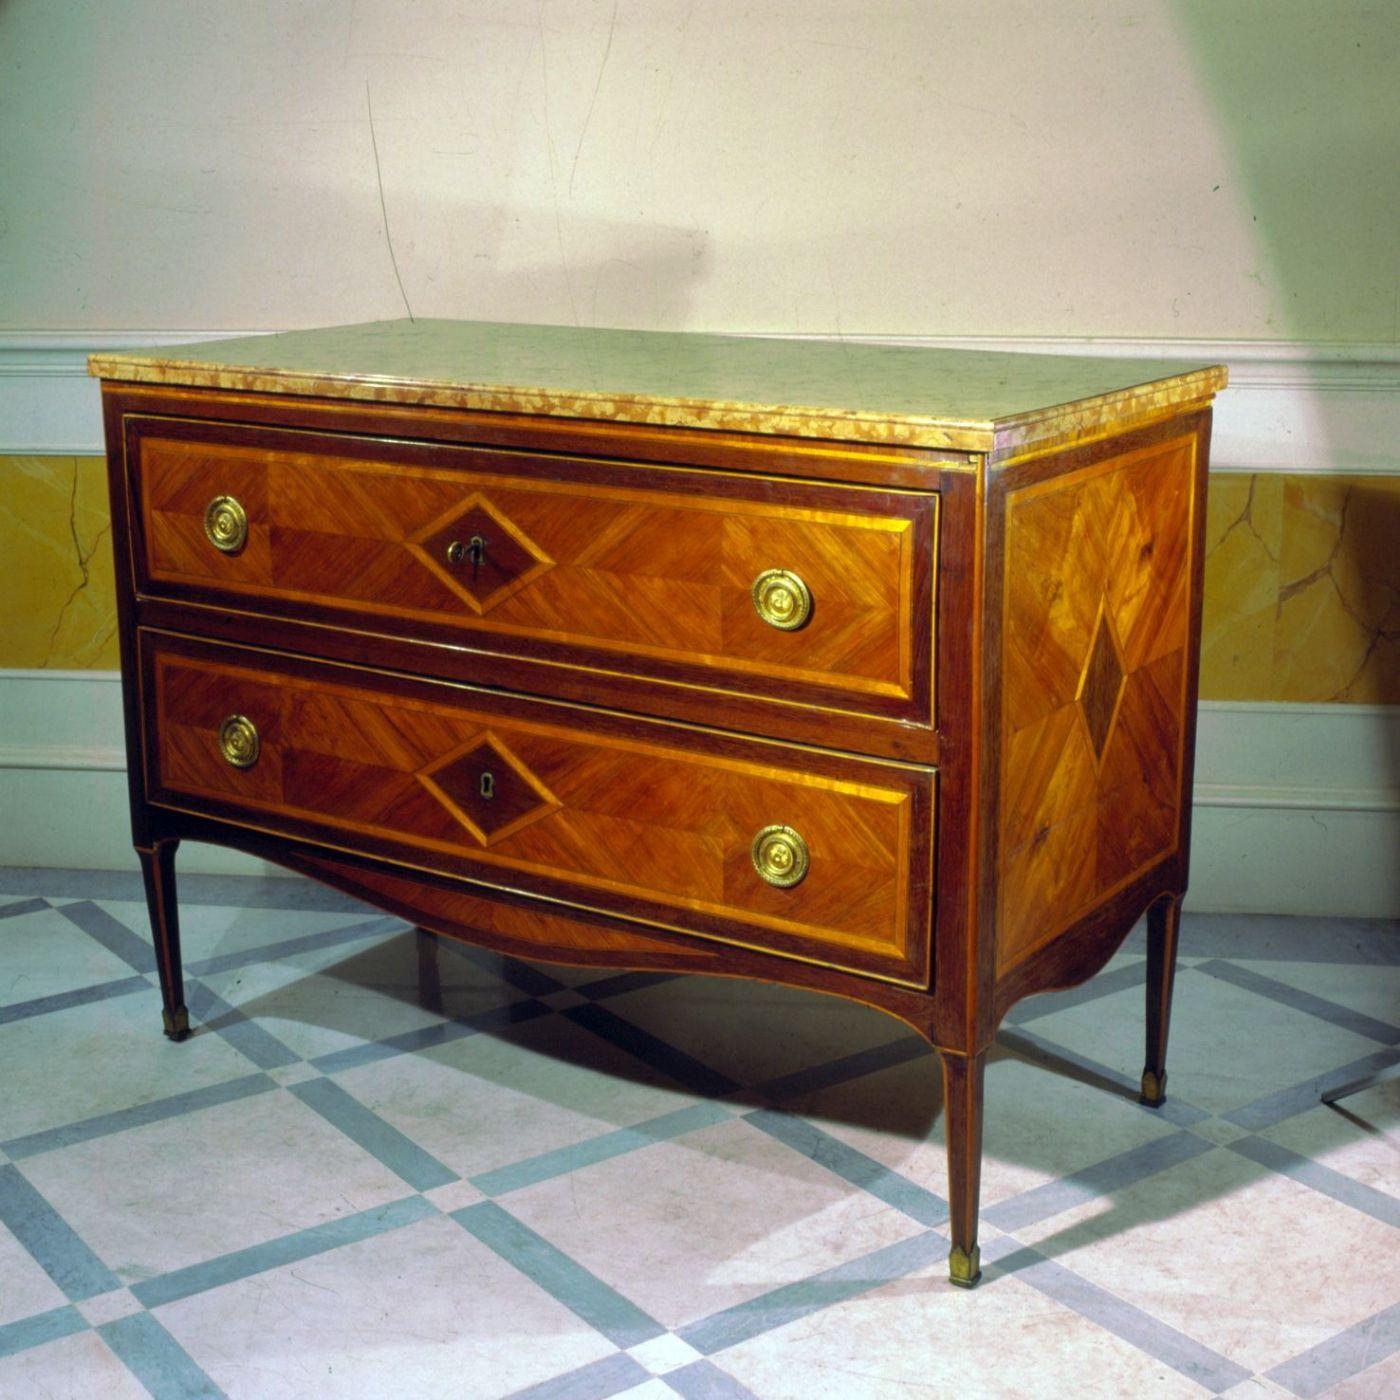 Paar Louis XVI-Stil kommode | Antiquitäten auf Anticoantico